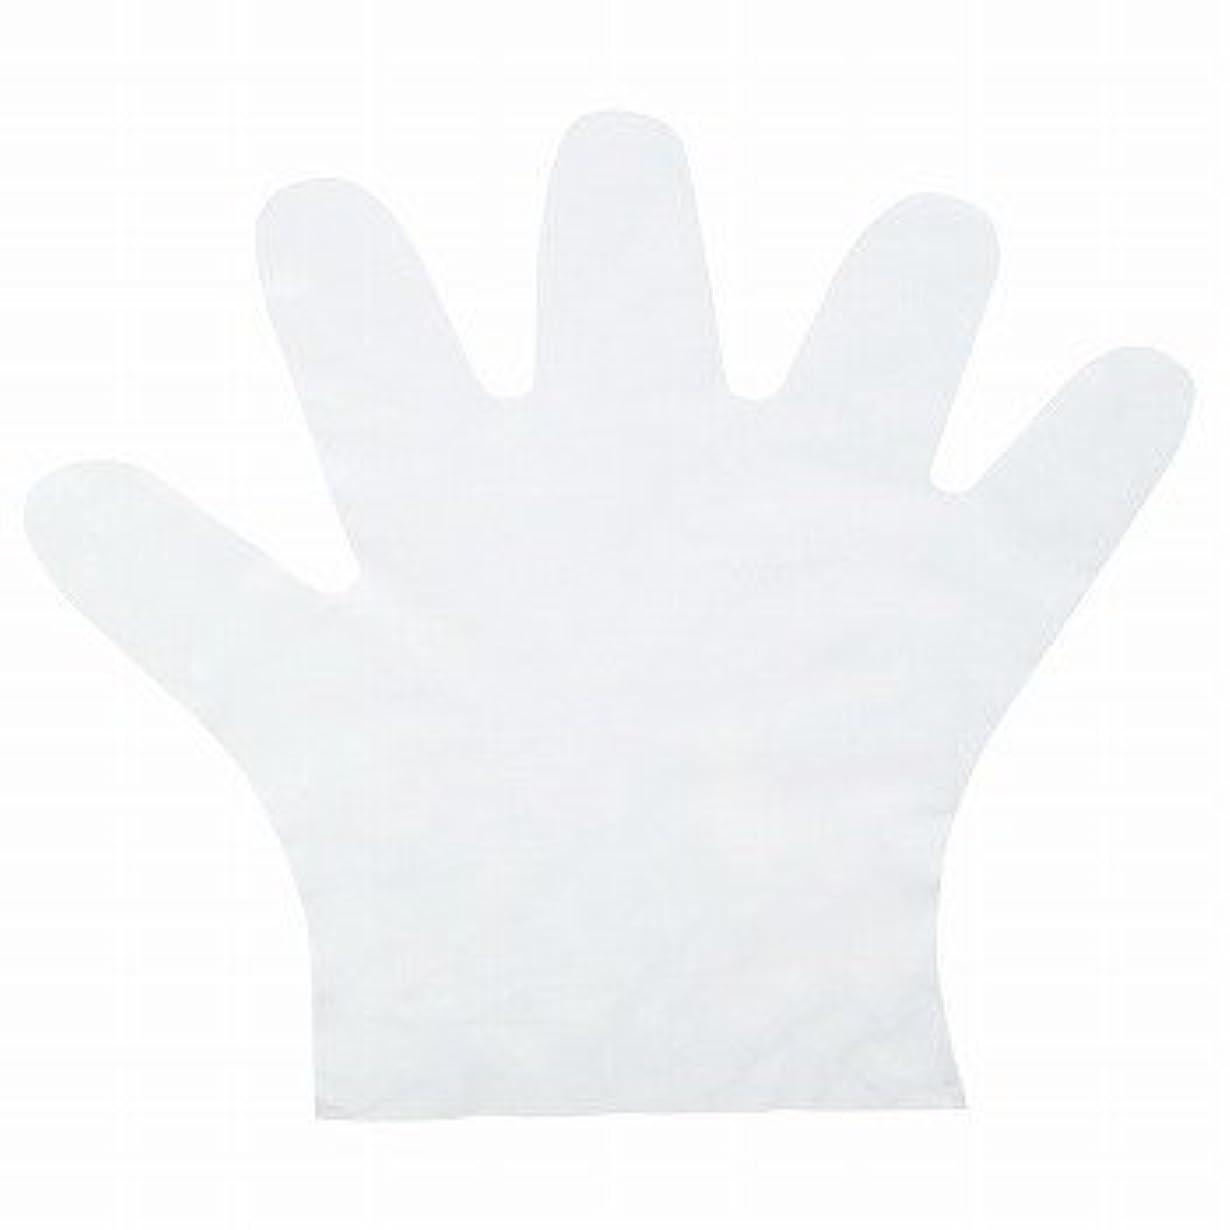 制限された寝てるひねりおたふく手袋/ポリエチディスポ(LD) [100枚入]/品番:248 サイズ:SS